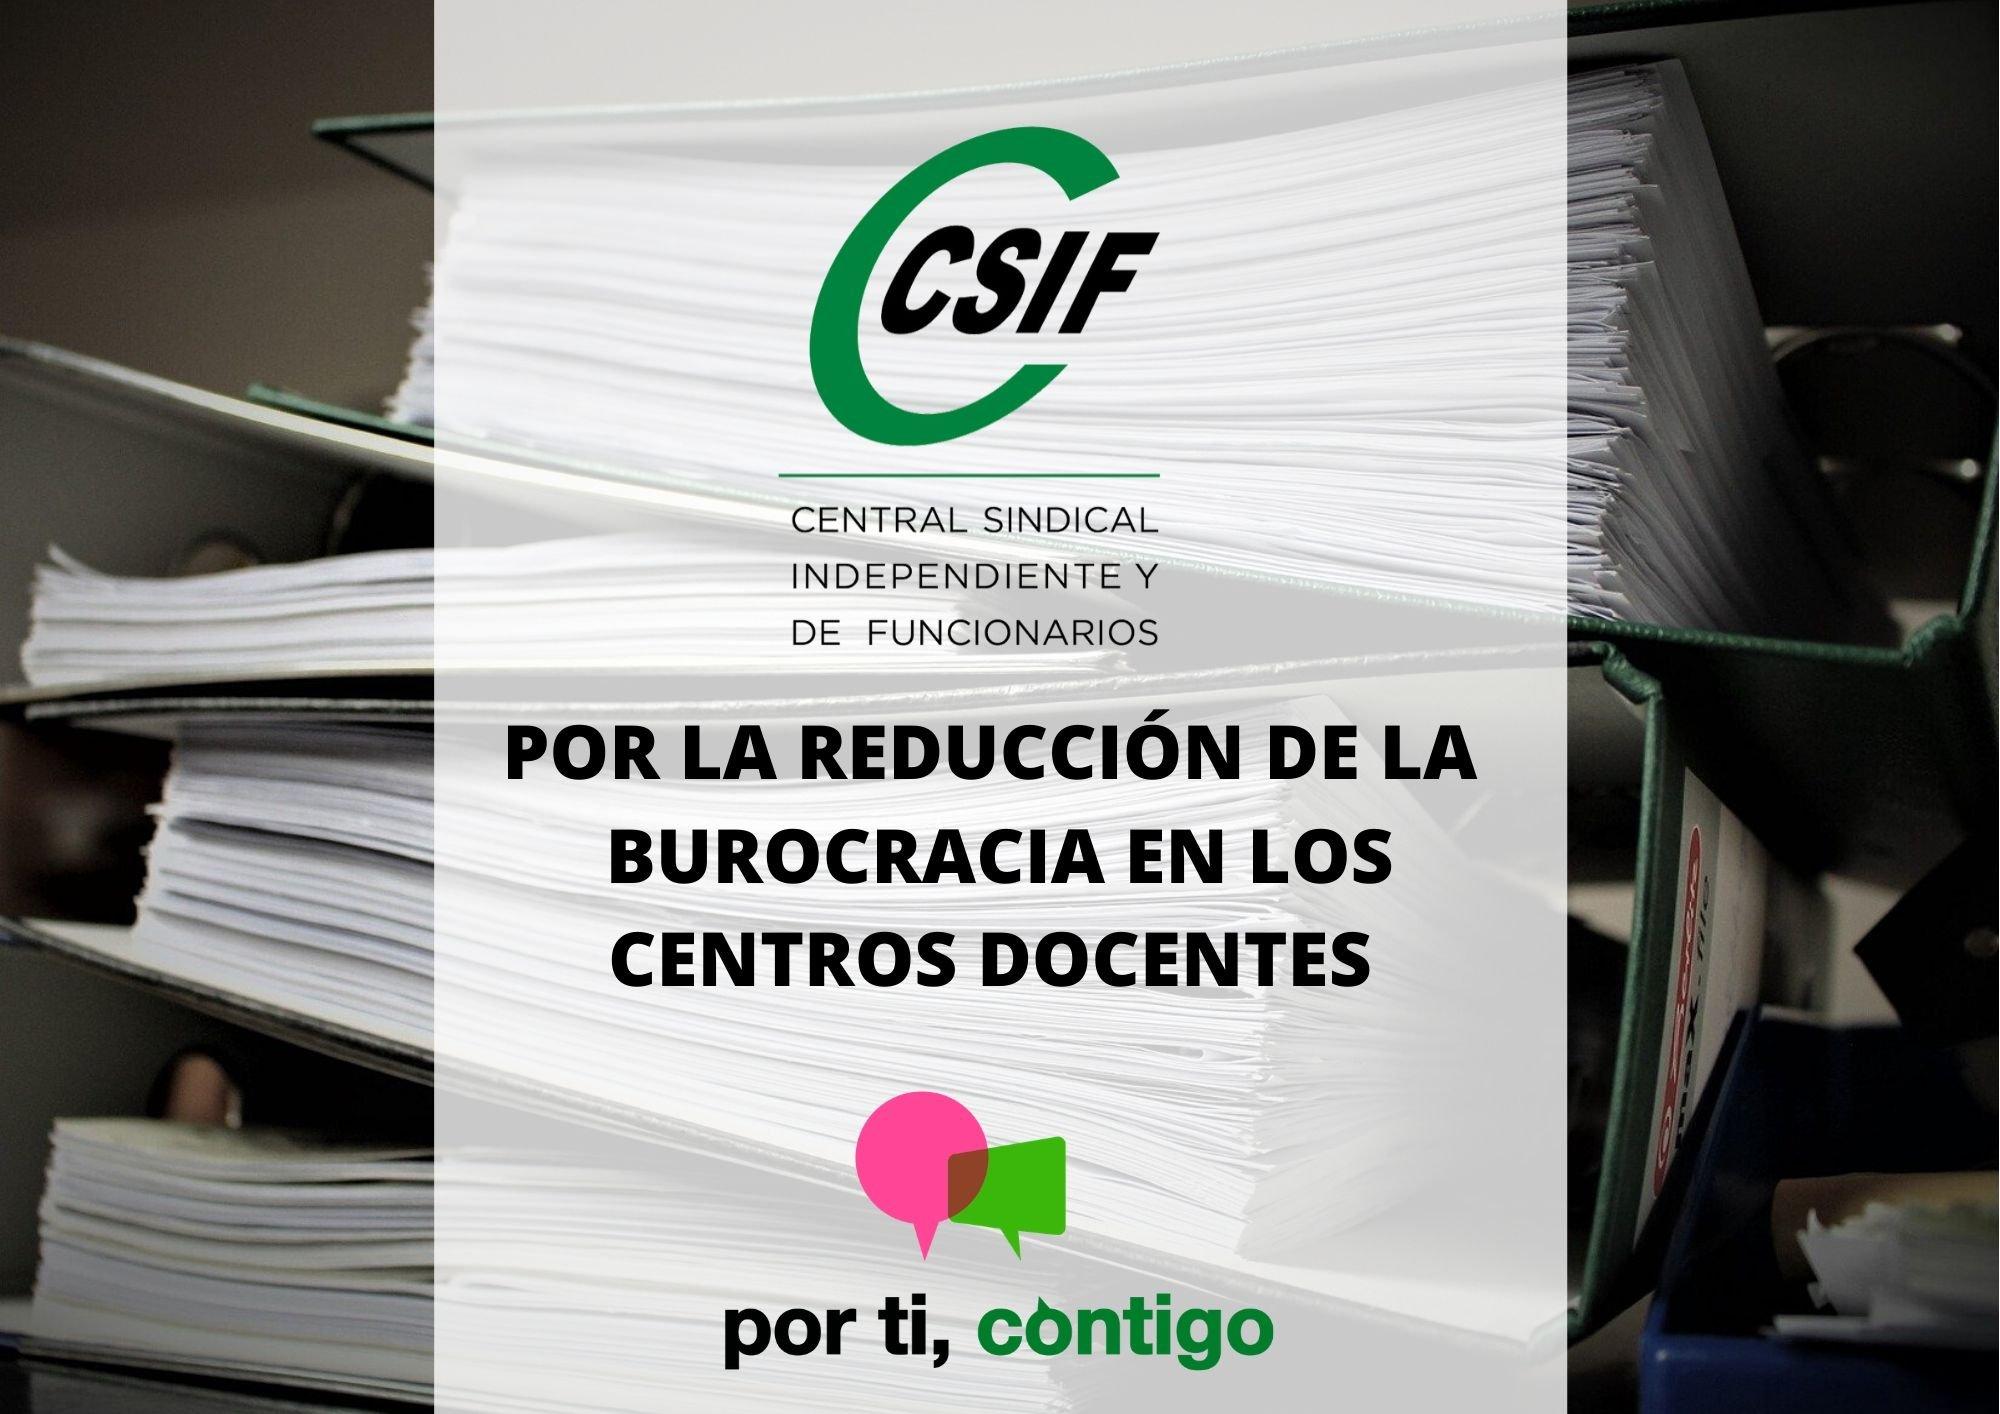 Por la reducción de la burocracia en los centros docentes CSIF Castilla-La Mancha